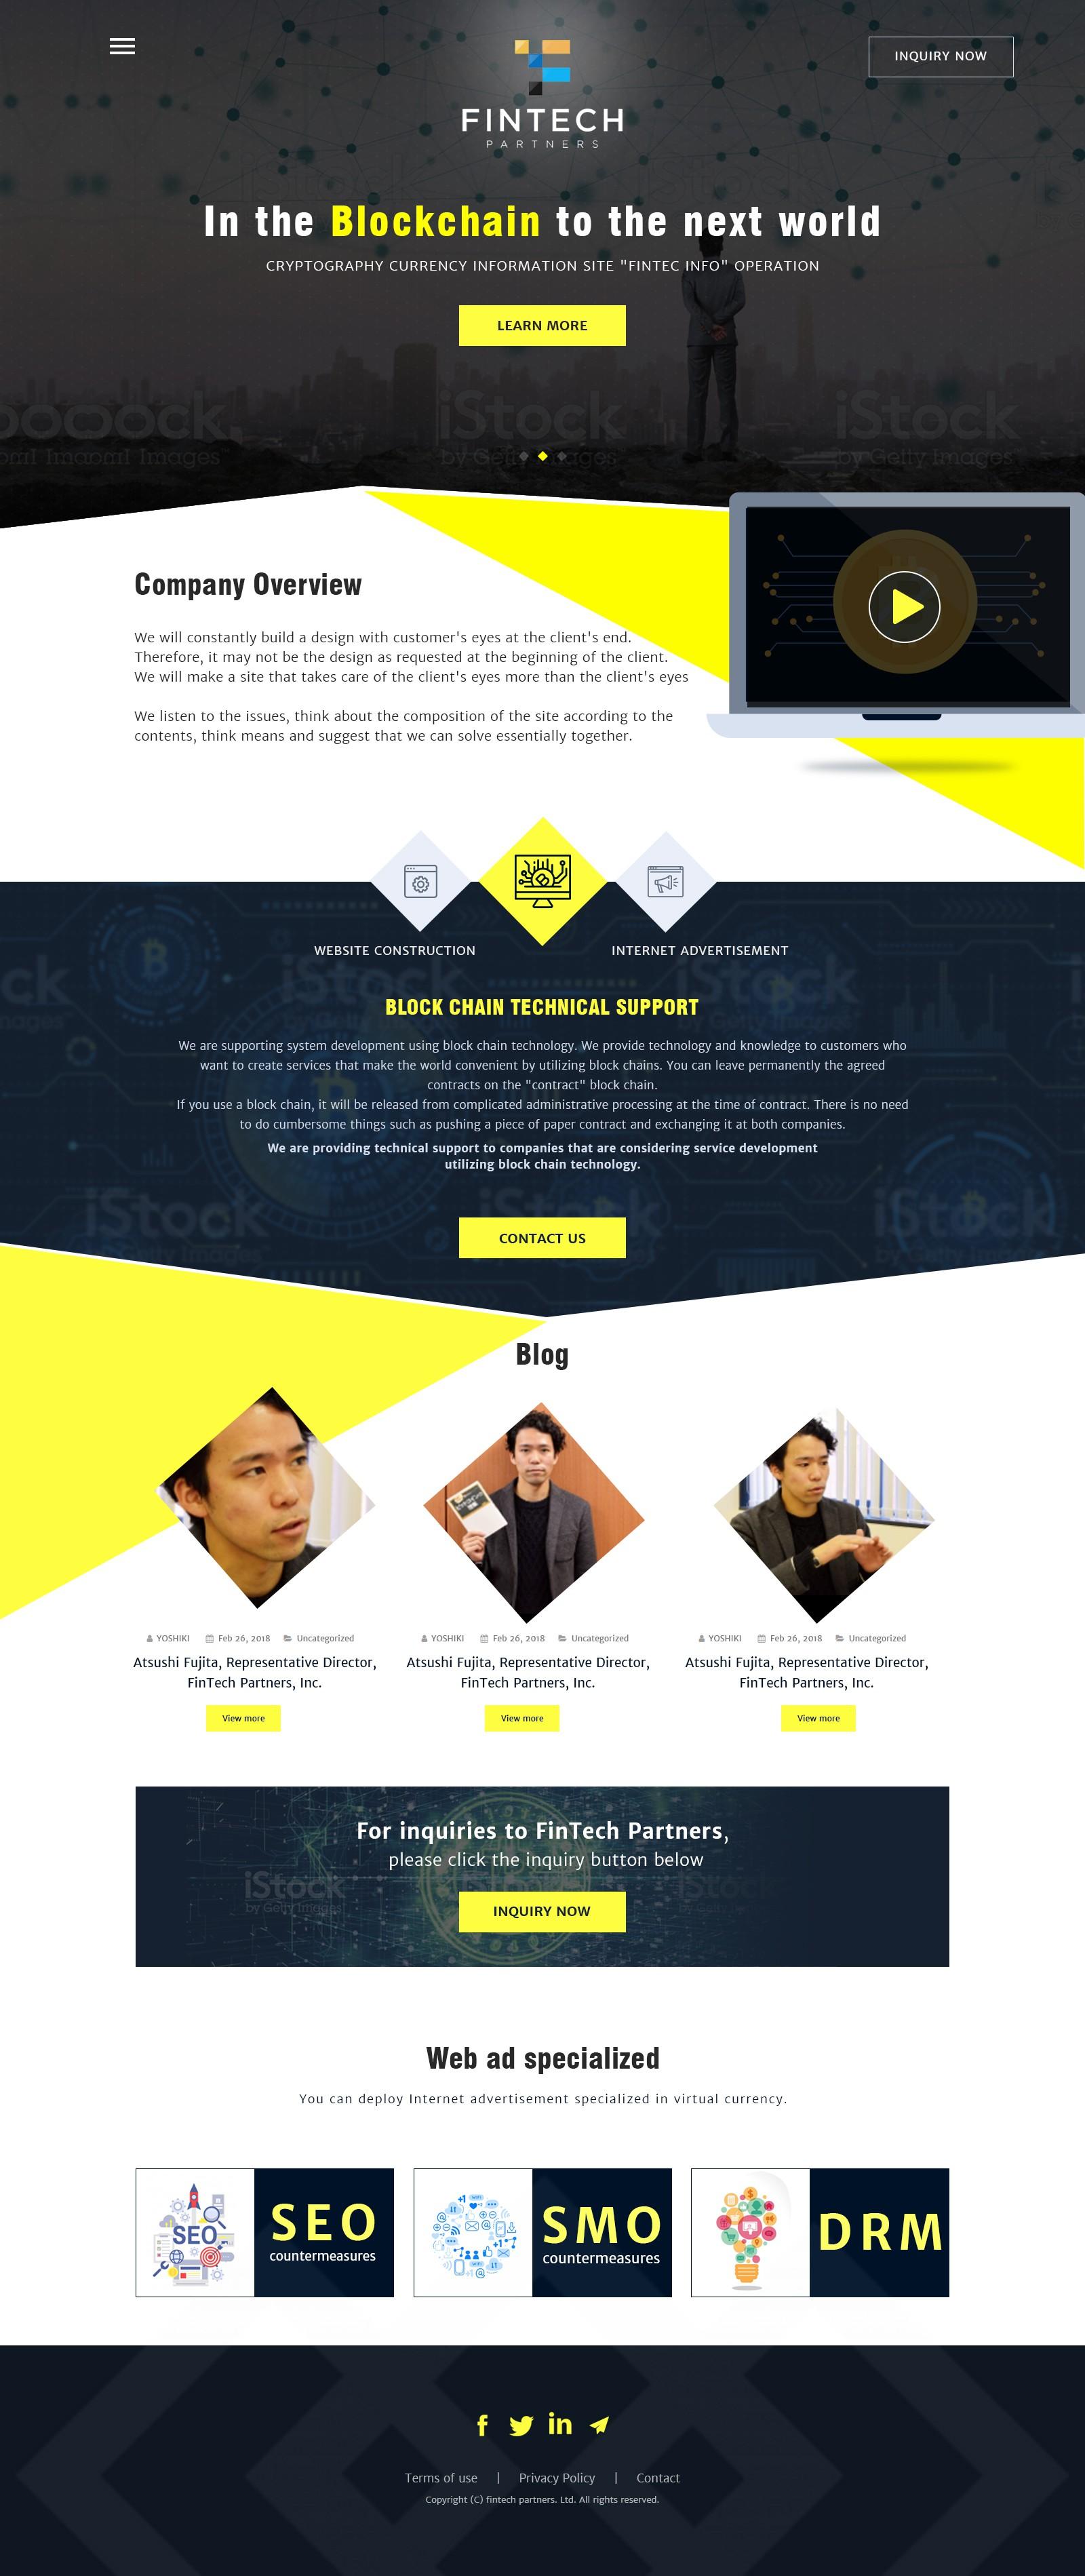 ブロックチェーン最先端企業のコーポレートサイトデザインをお願いします!